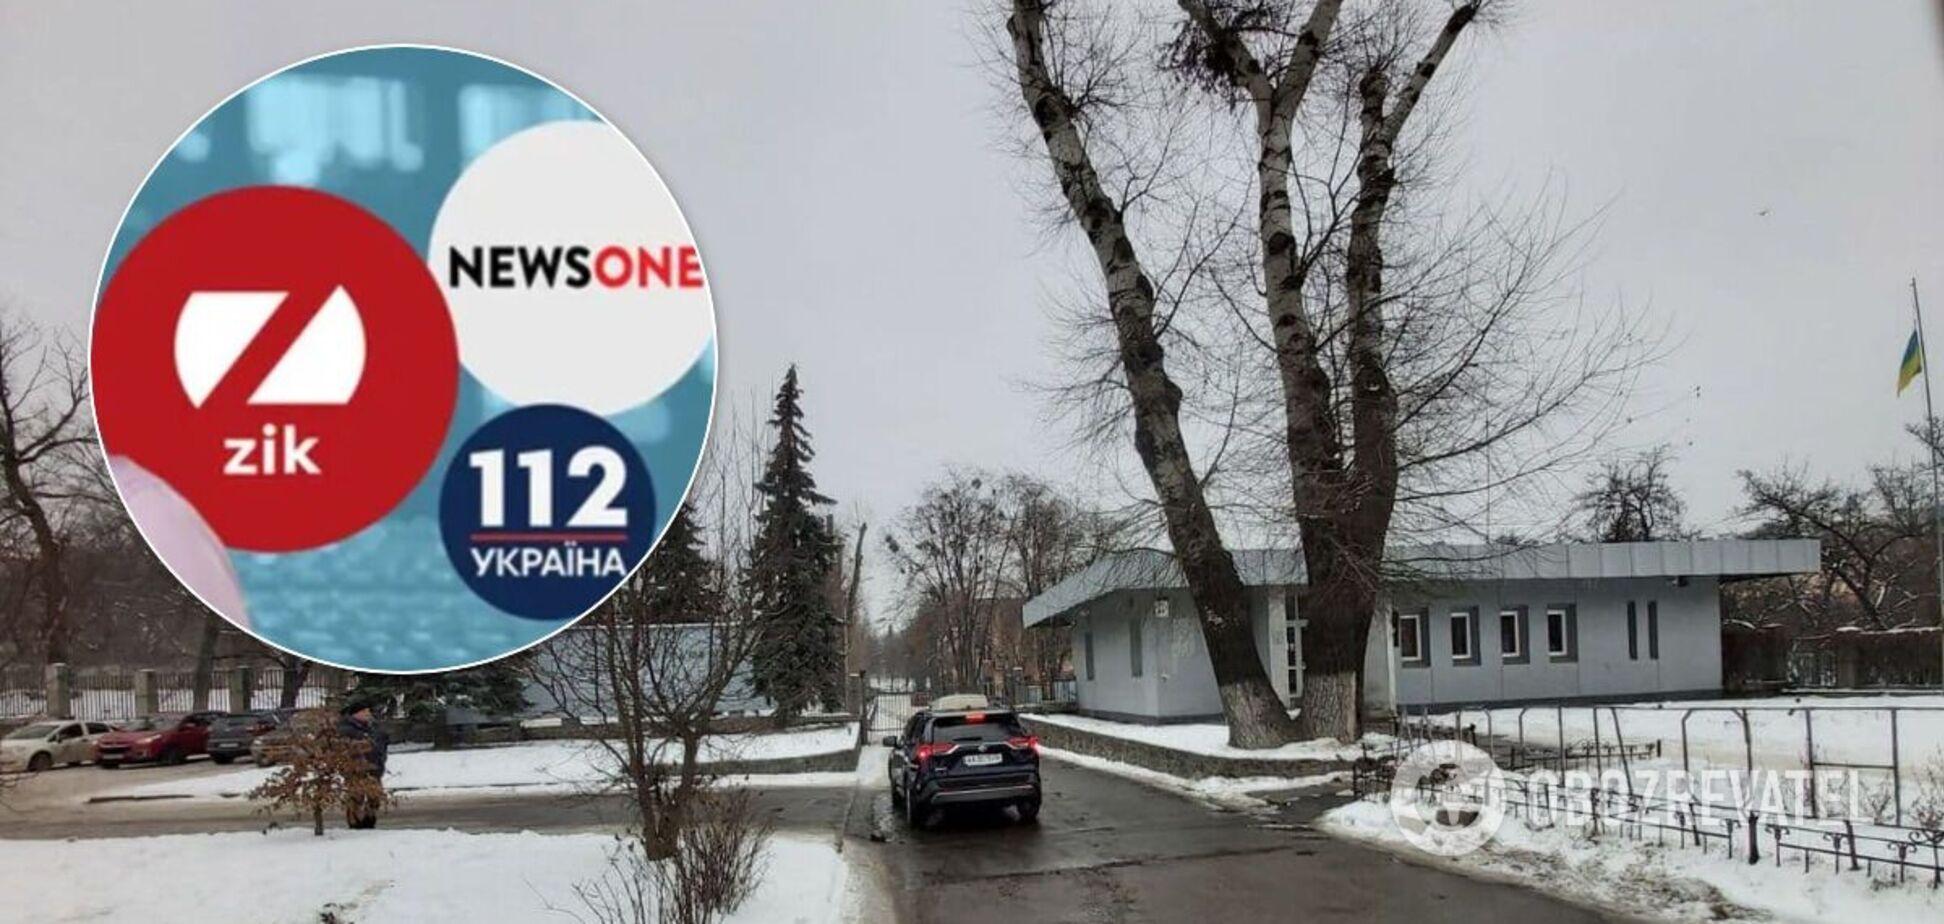 Офисы каналов Медведчука не блокировали: появилось опровержение и фото